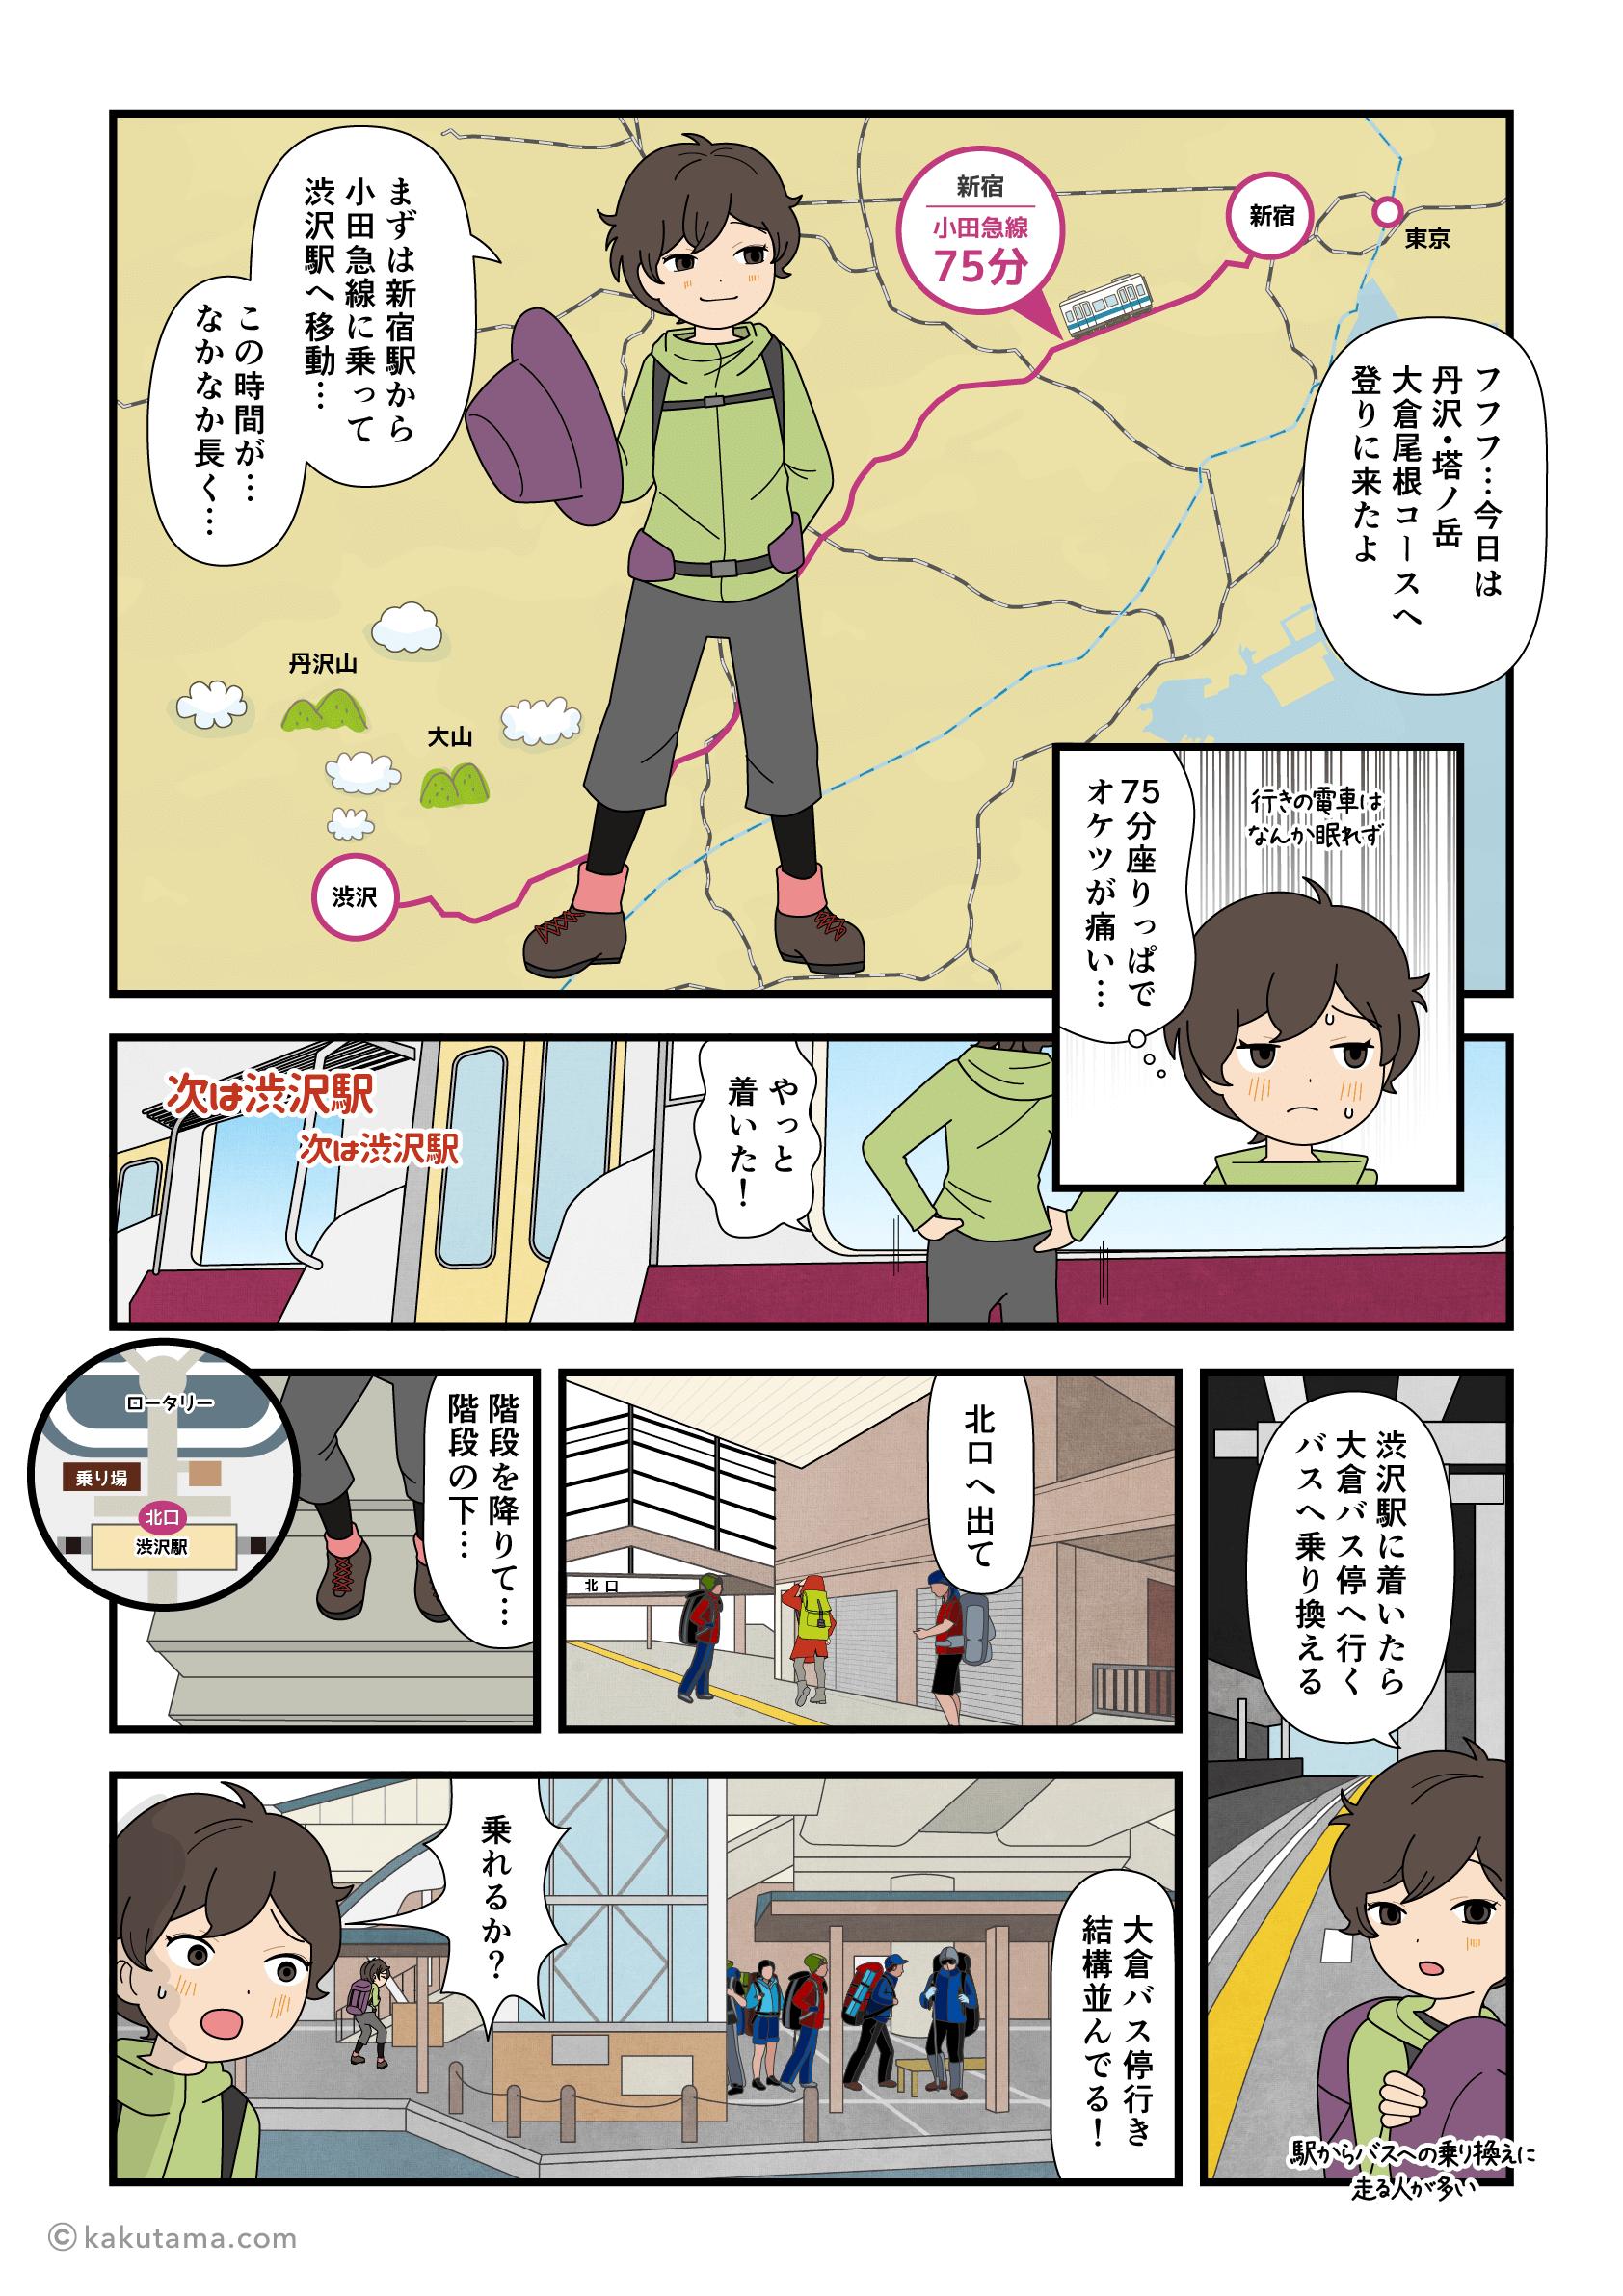 塔ノ岳の登山口へのアクセス方法を紹介する漫画